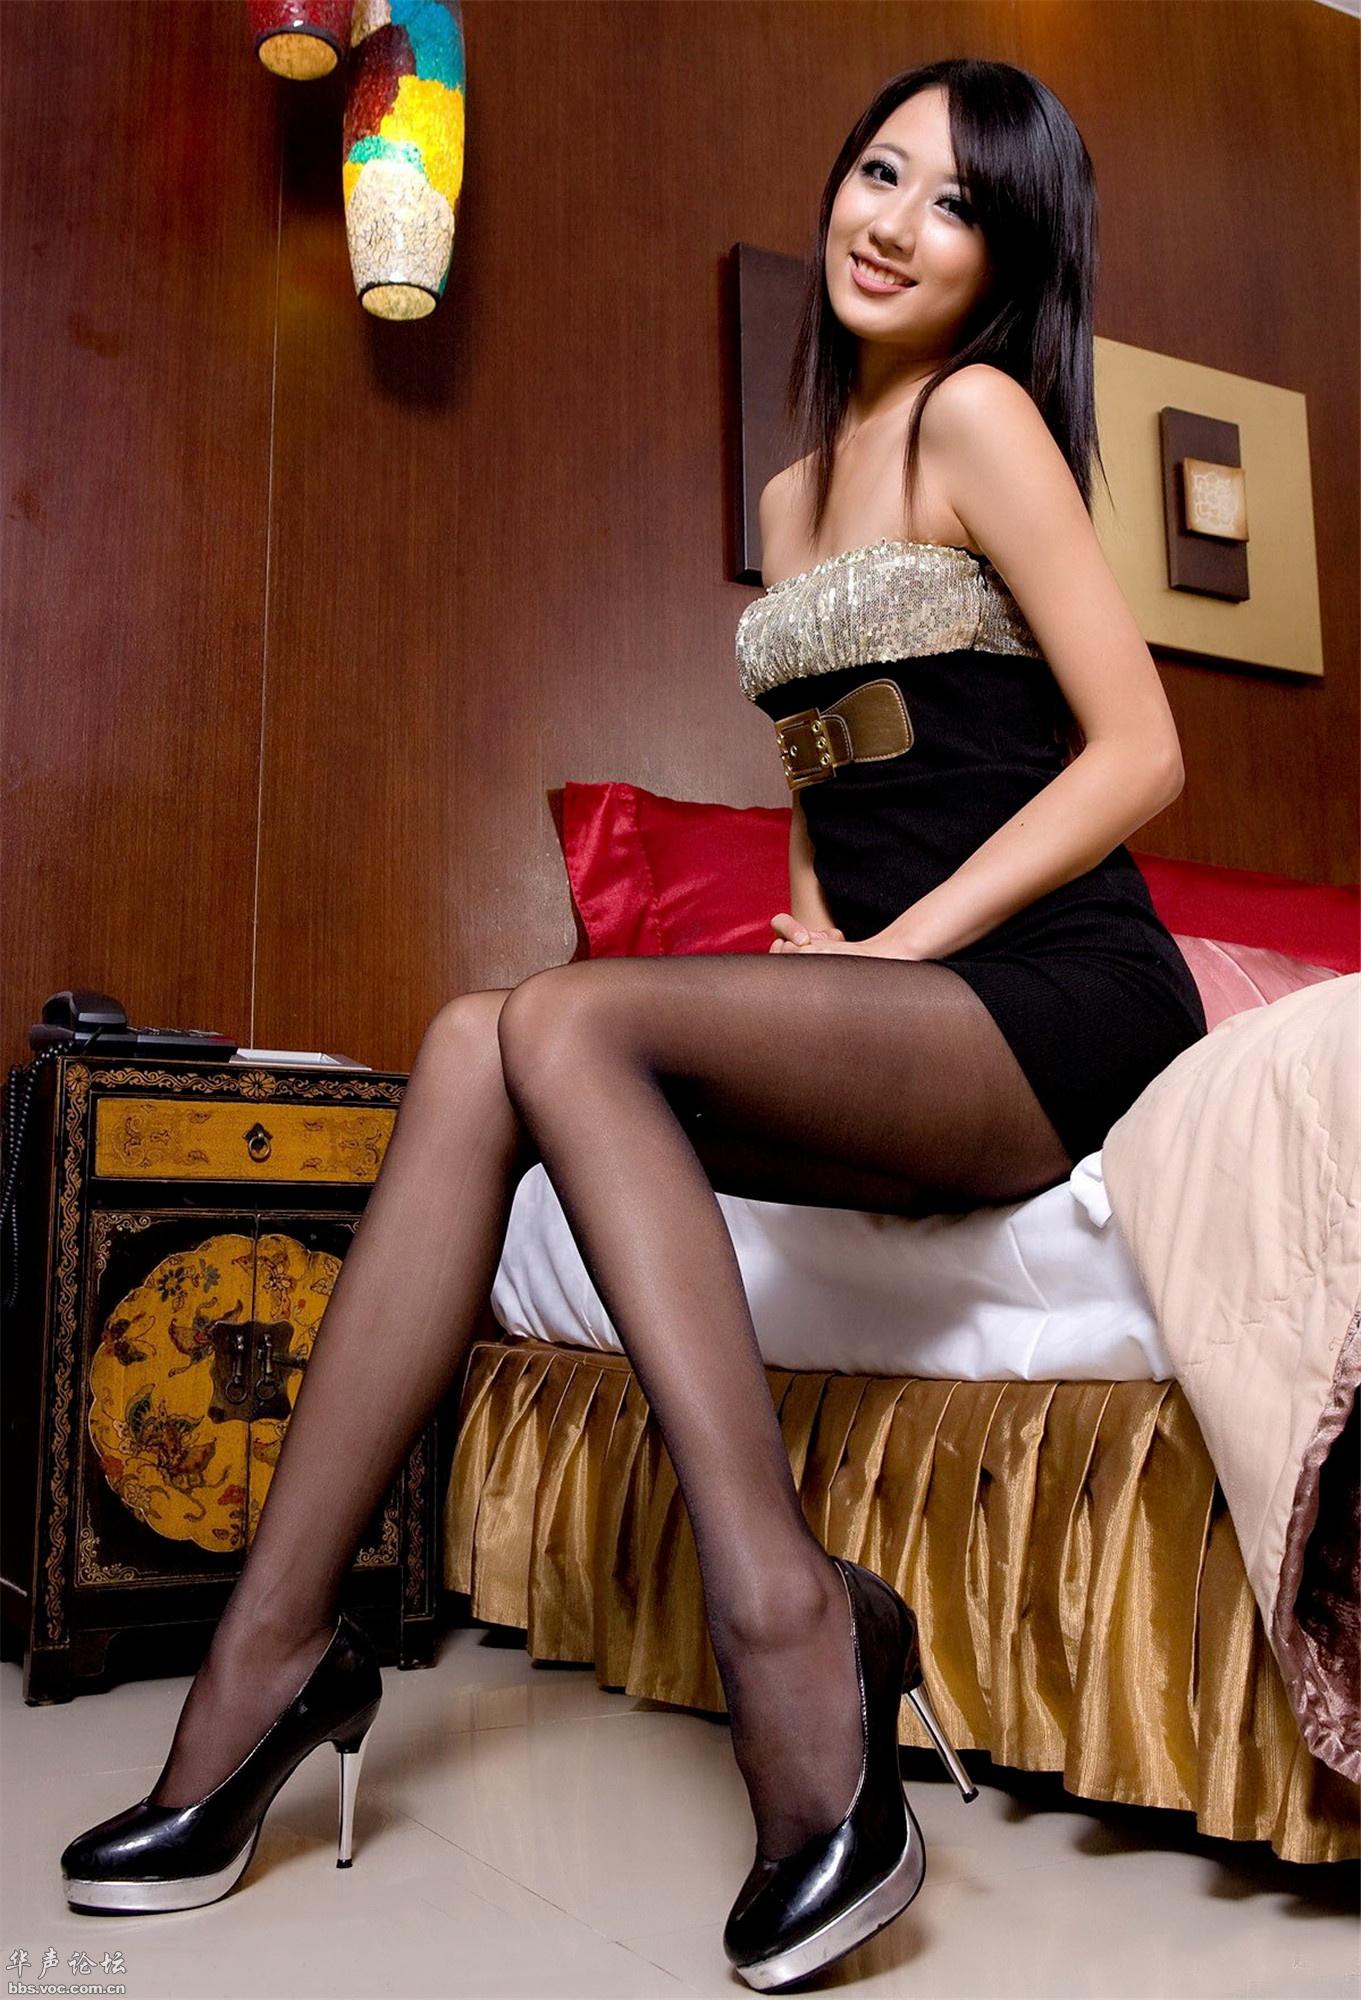 漂亮衣模美腿秀64 - 花開有聲 - 花開有聲